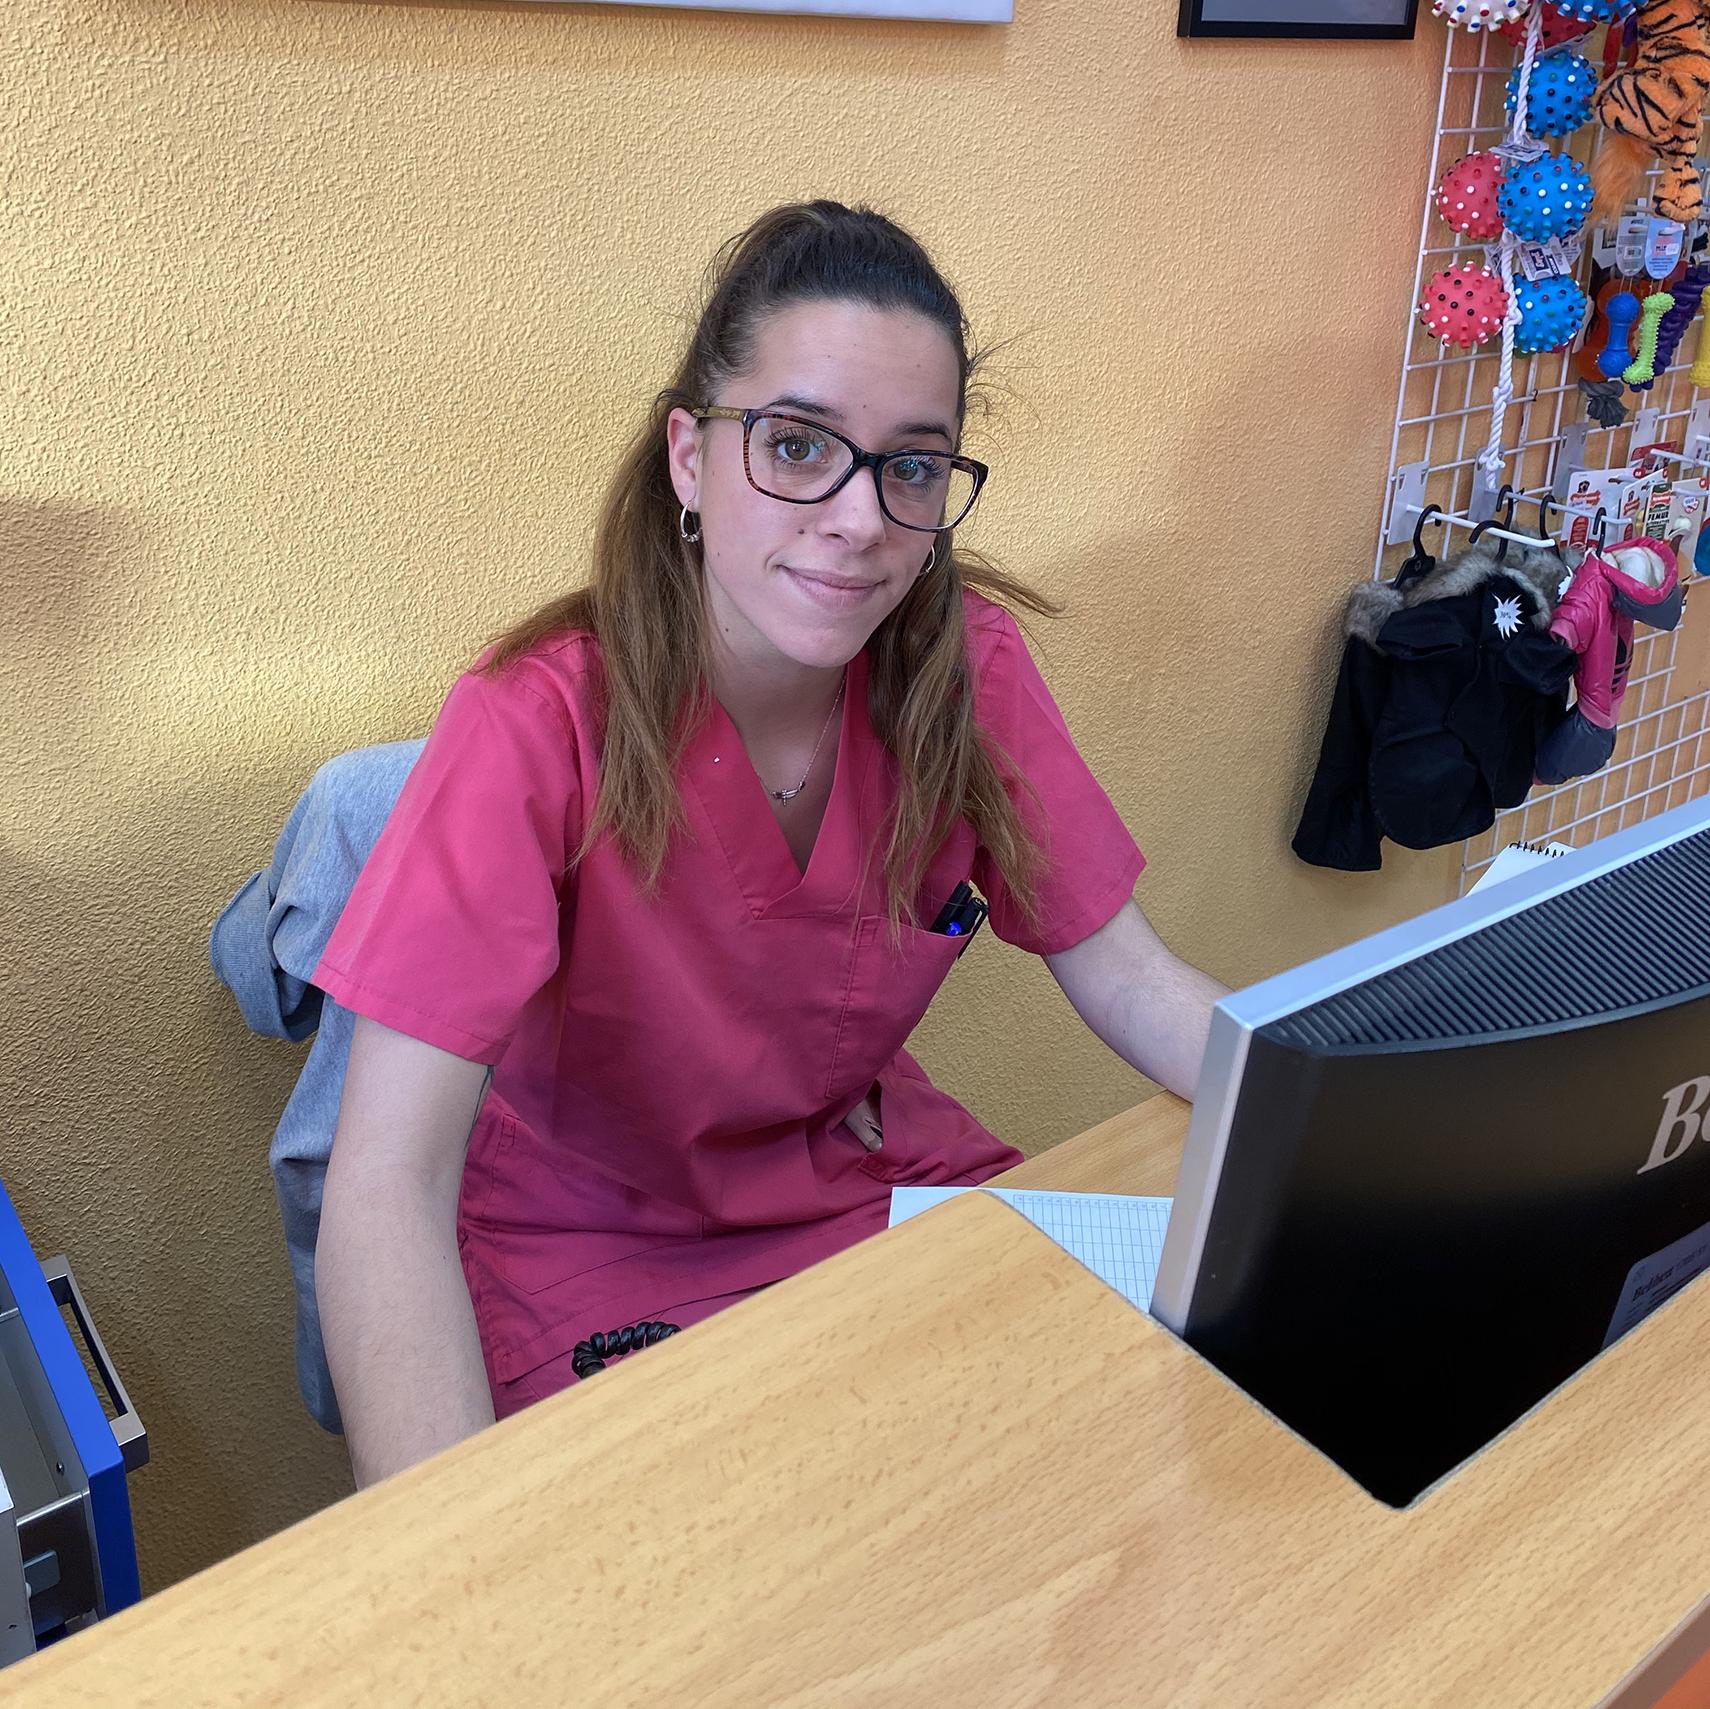 Sandra, Asistente Veterinaria de la Clínica Veterinaria Vinateros en Moratalaz, Madrid.